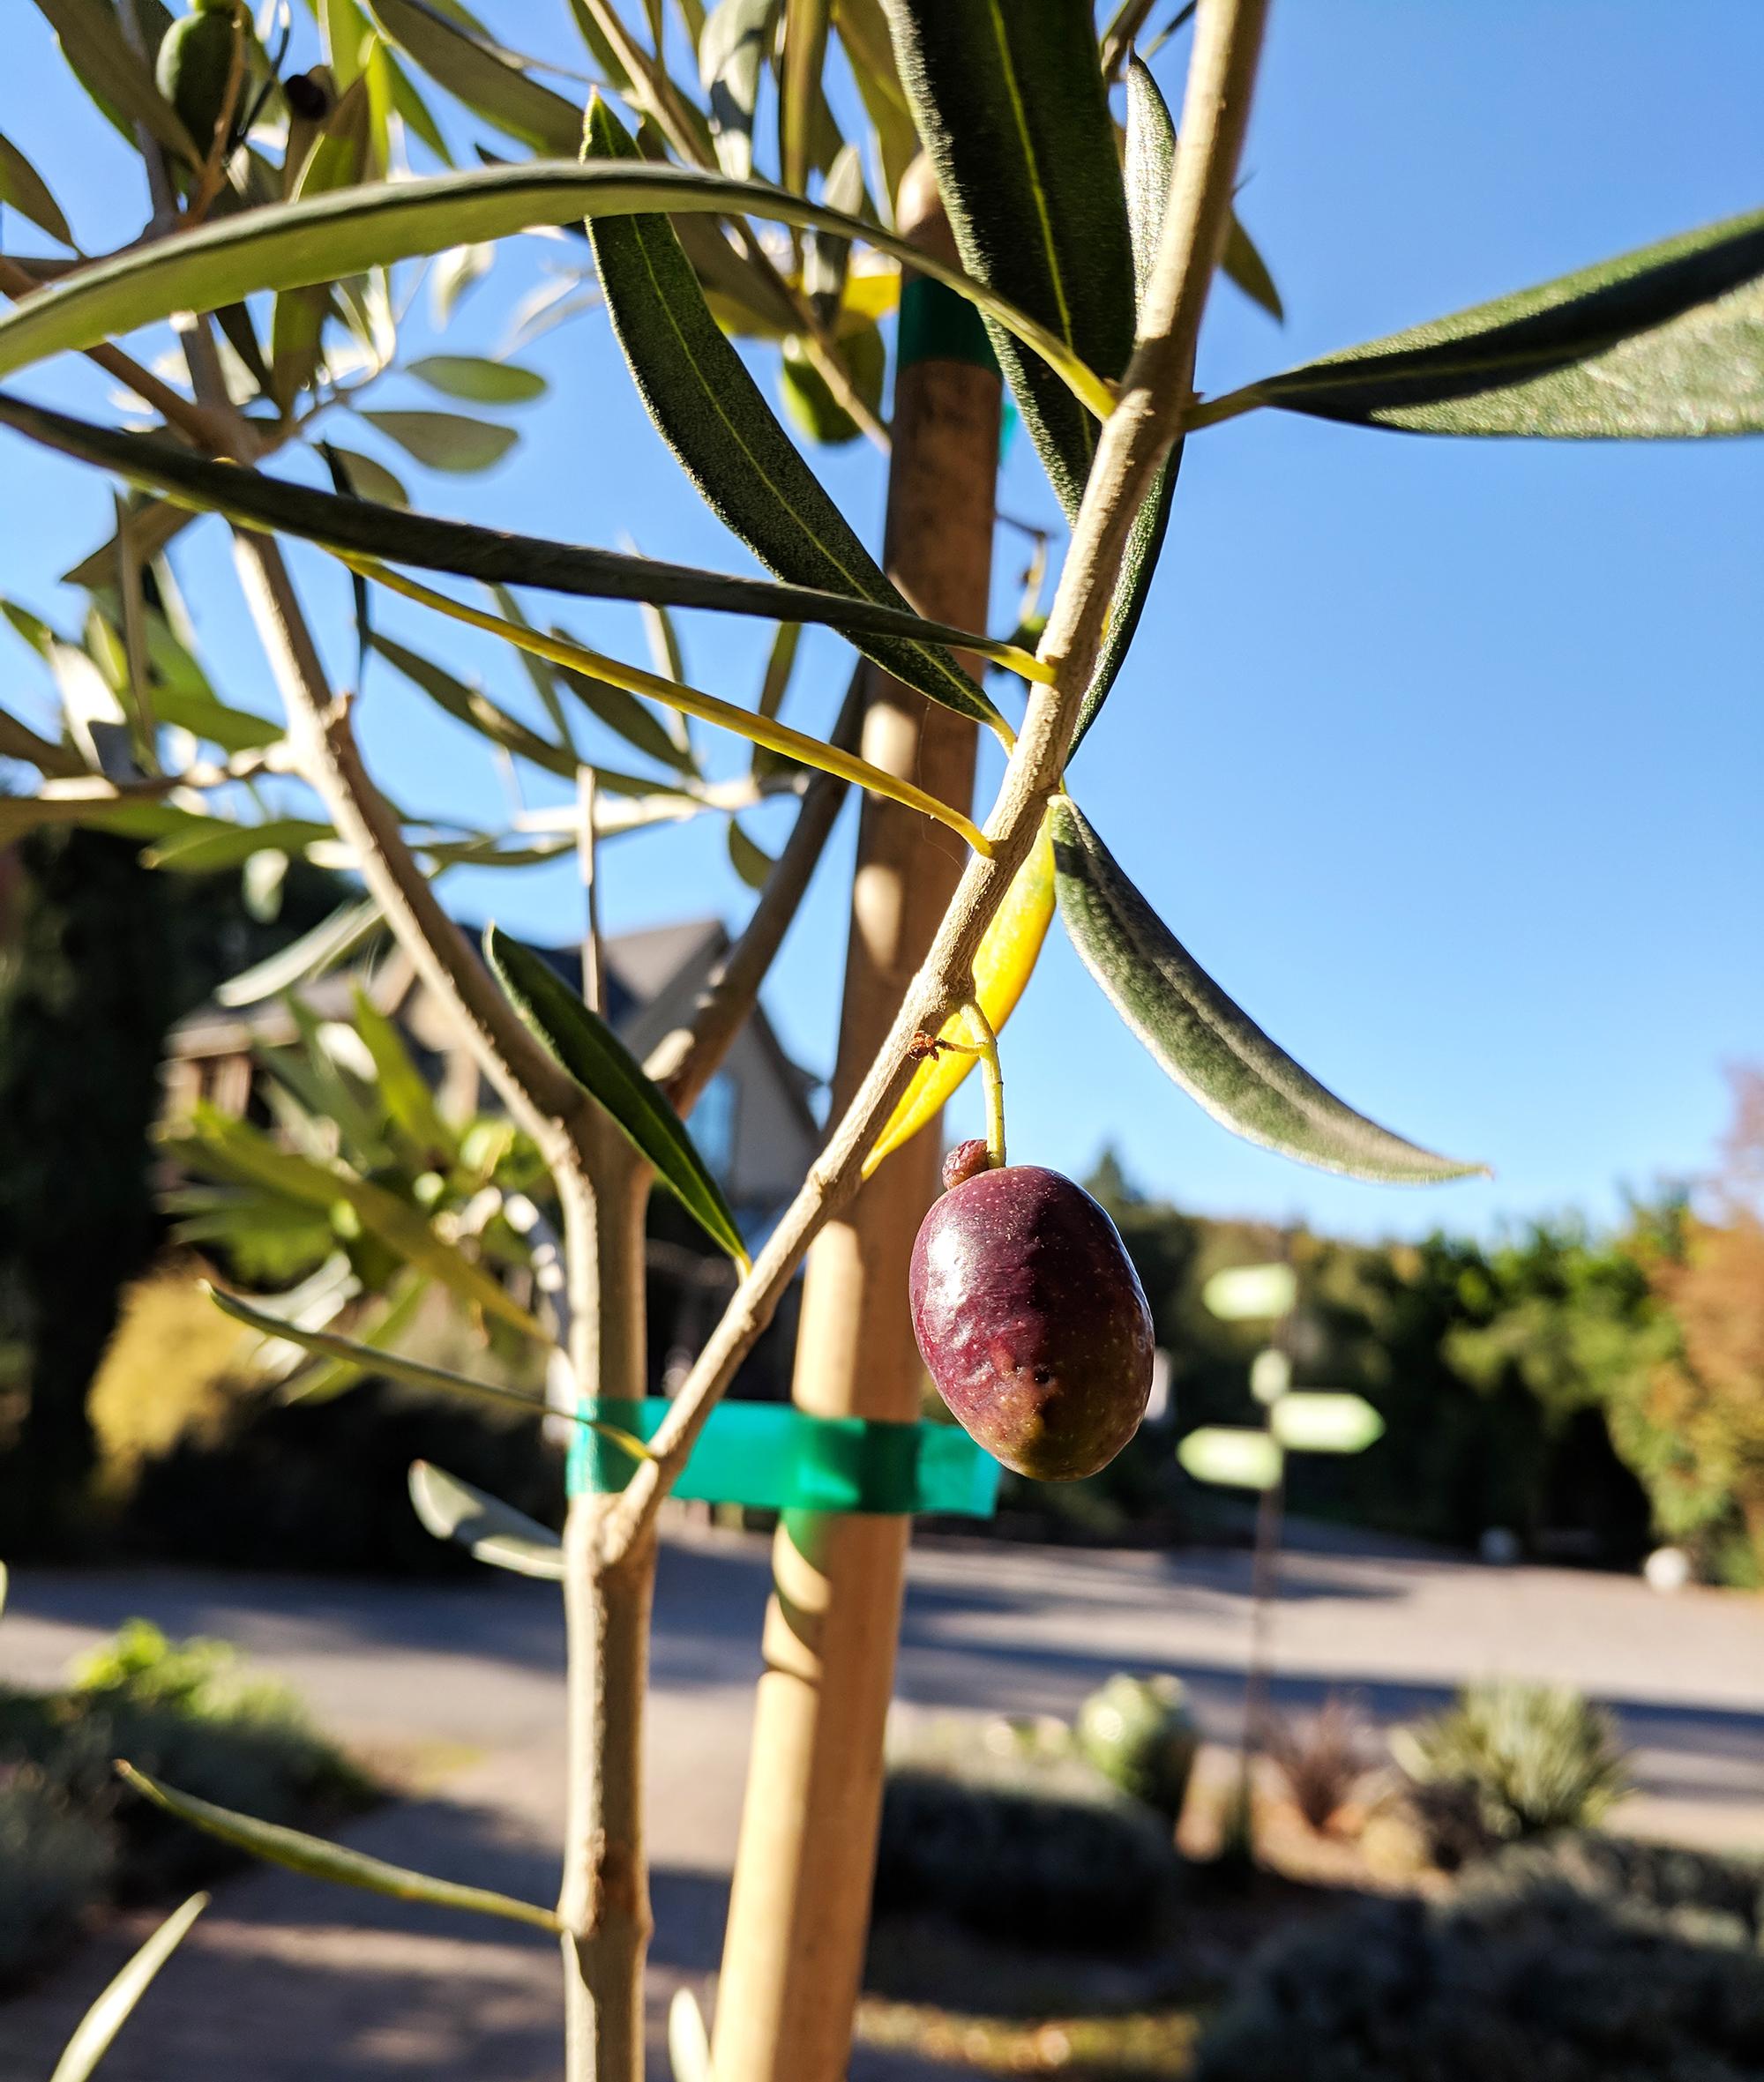 olive on tree.jpg